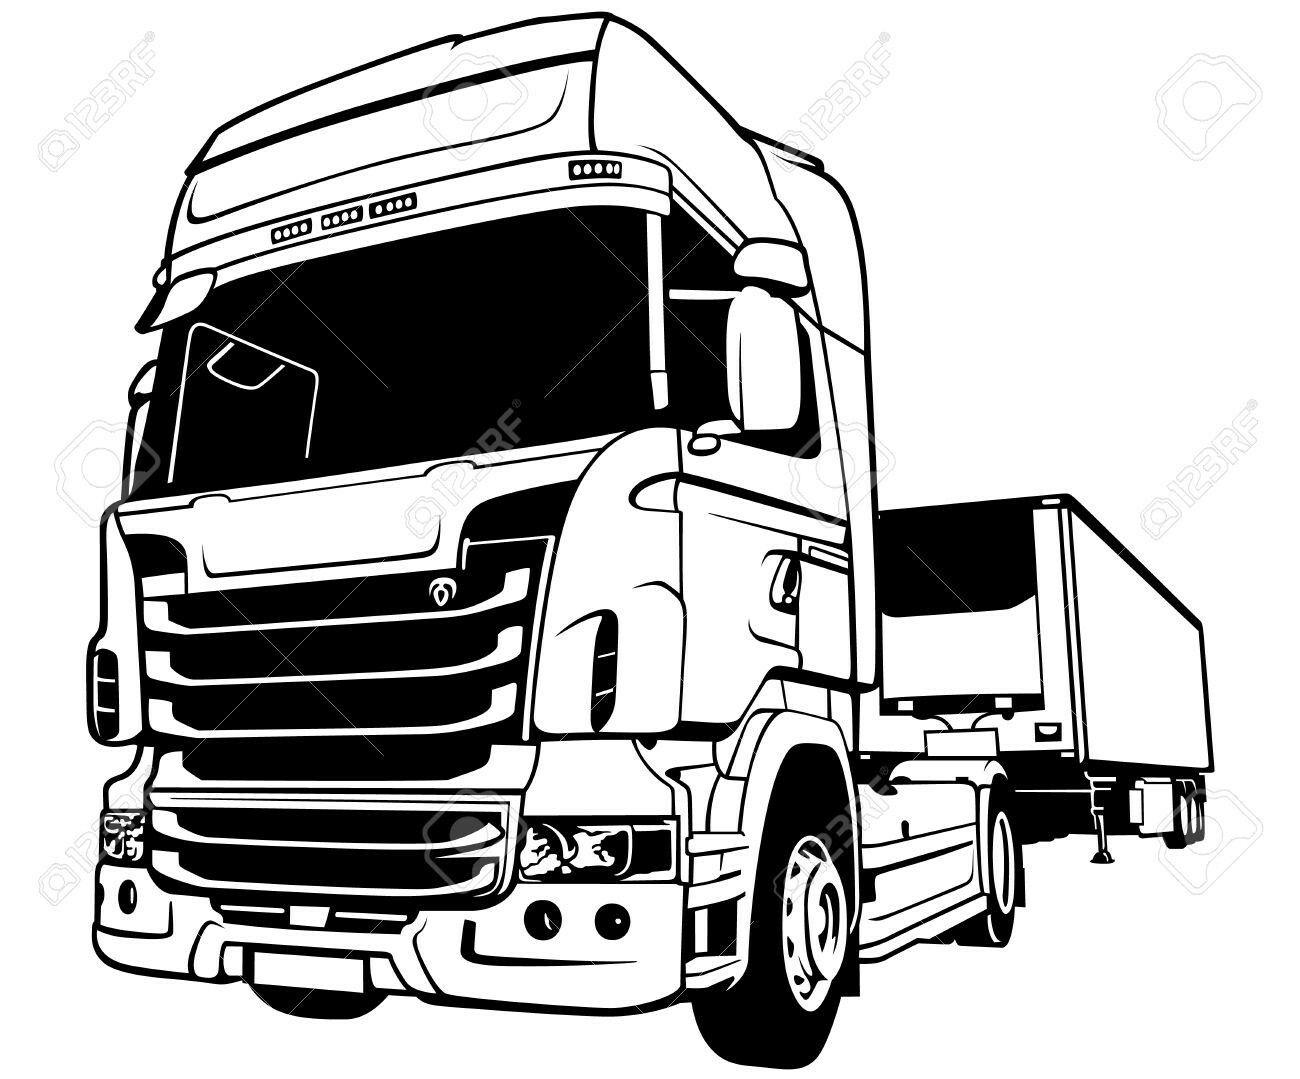 Pin De Giorgos Vittas Em Silhouette Desenho De Caminhao Scania Desenhos De Caminhoes Desenho De Carreta